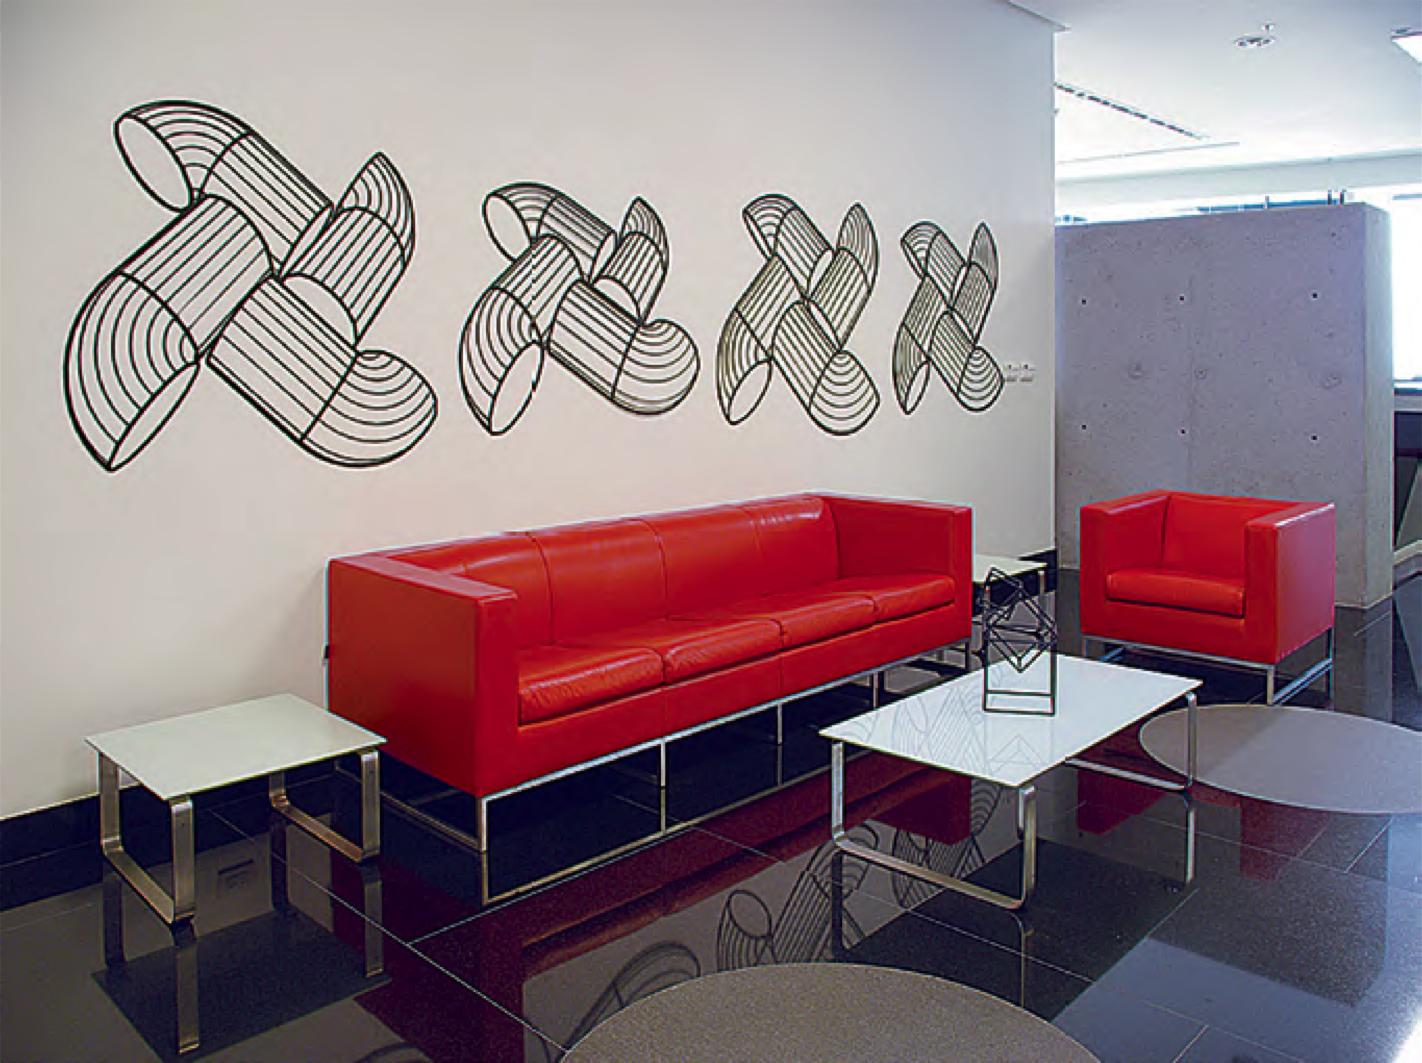 Oficinas Cusezar Bogot Arquitecta Patricia Fabre 2009  # Muebles Zientte Medellin